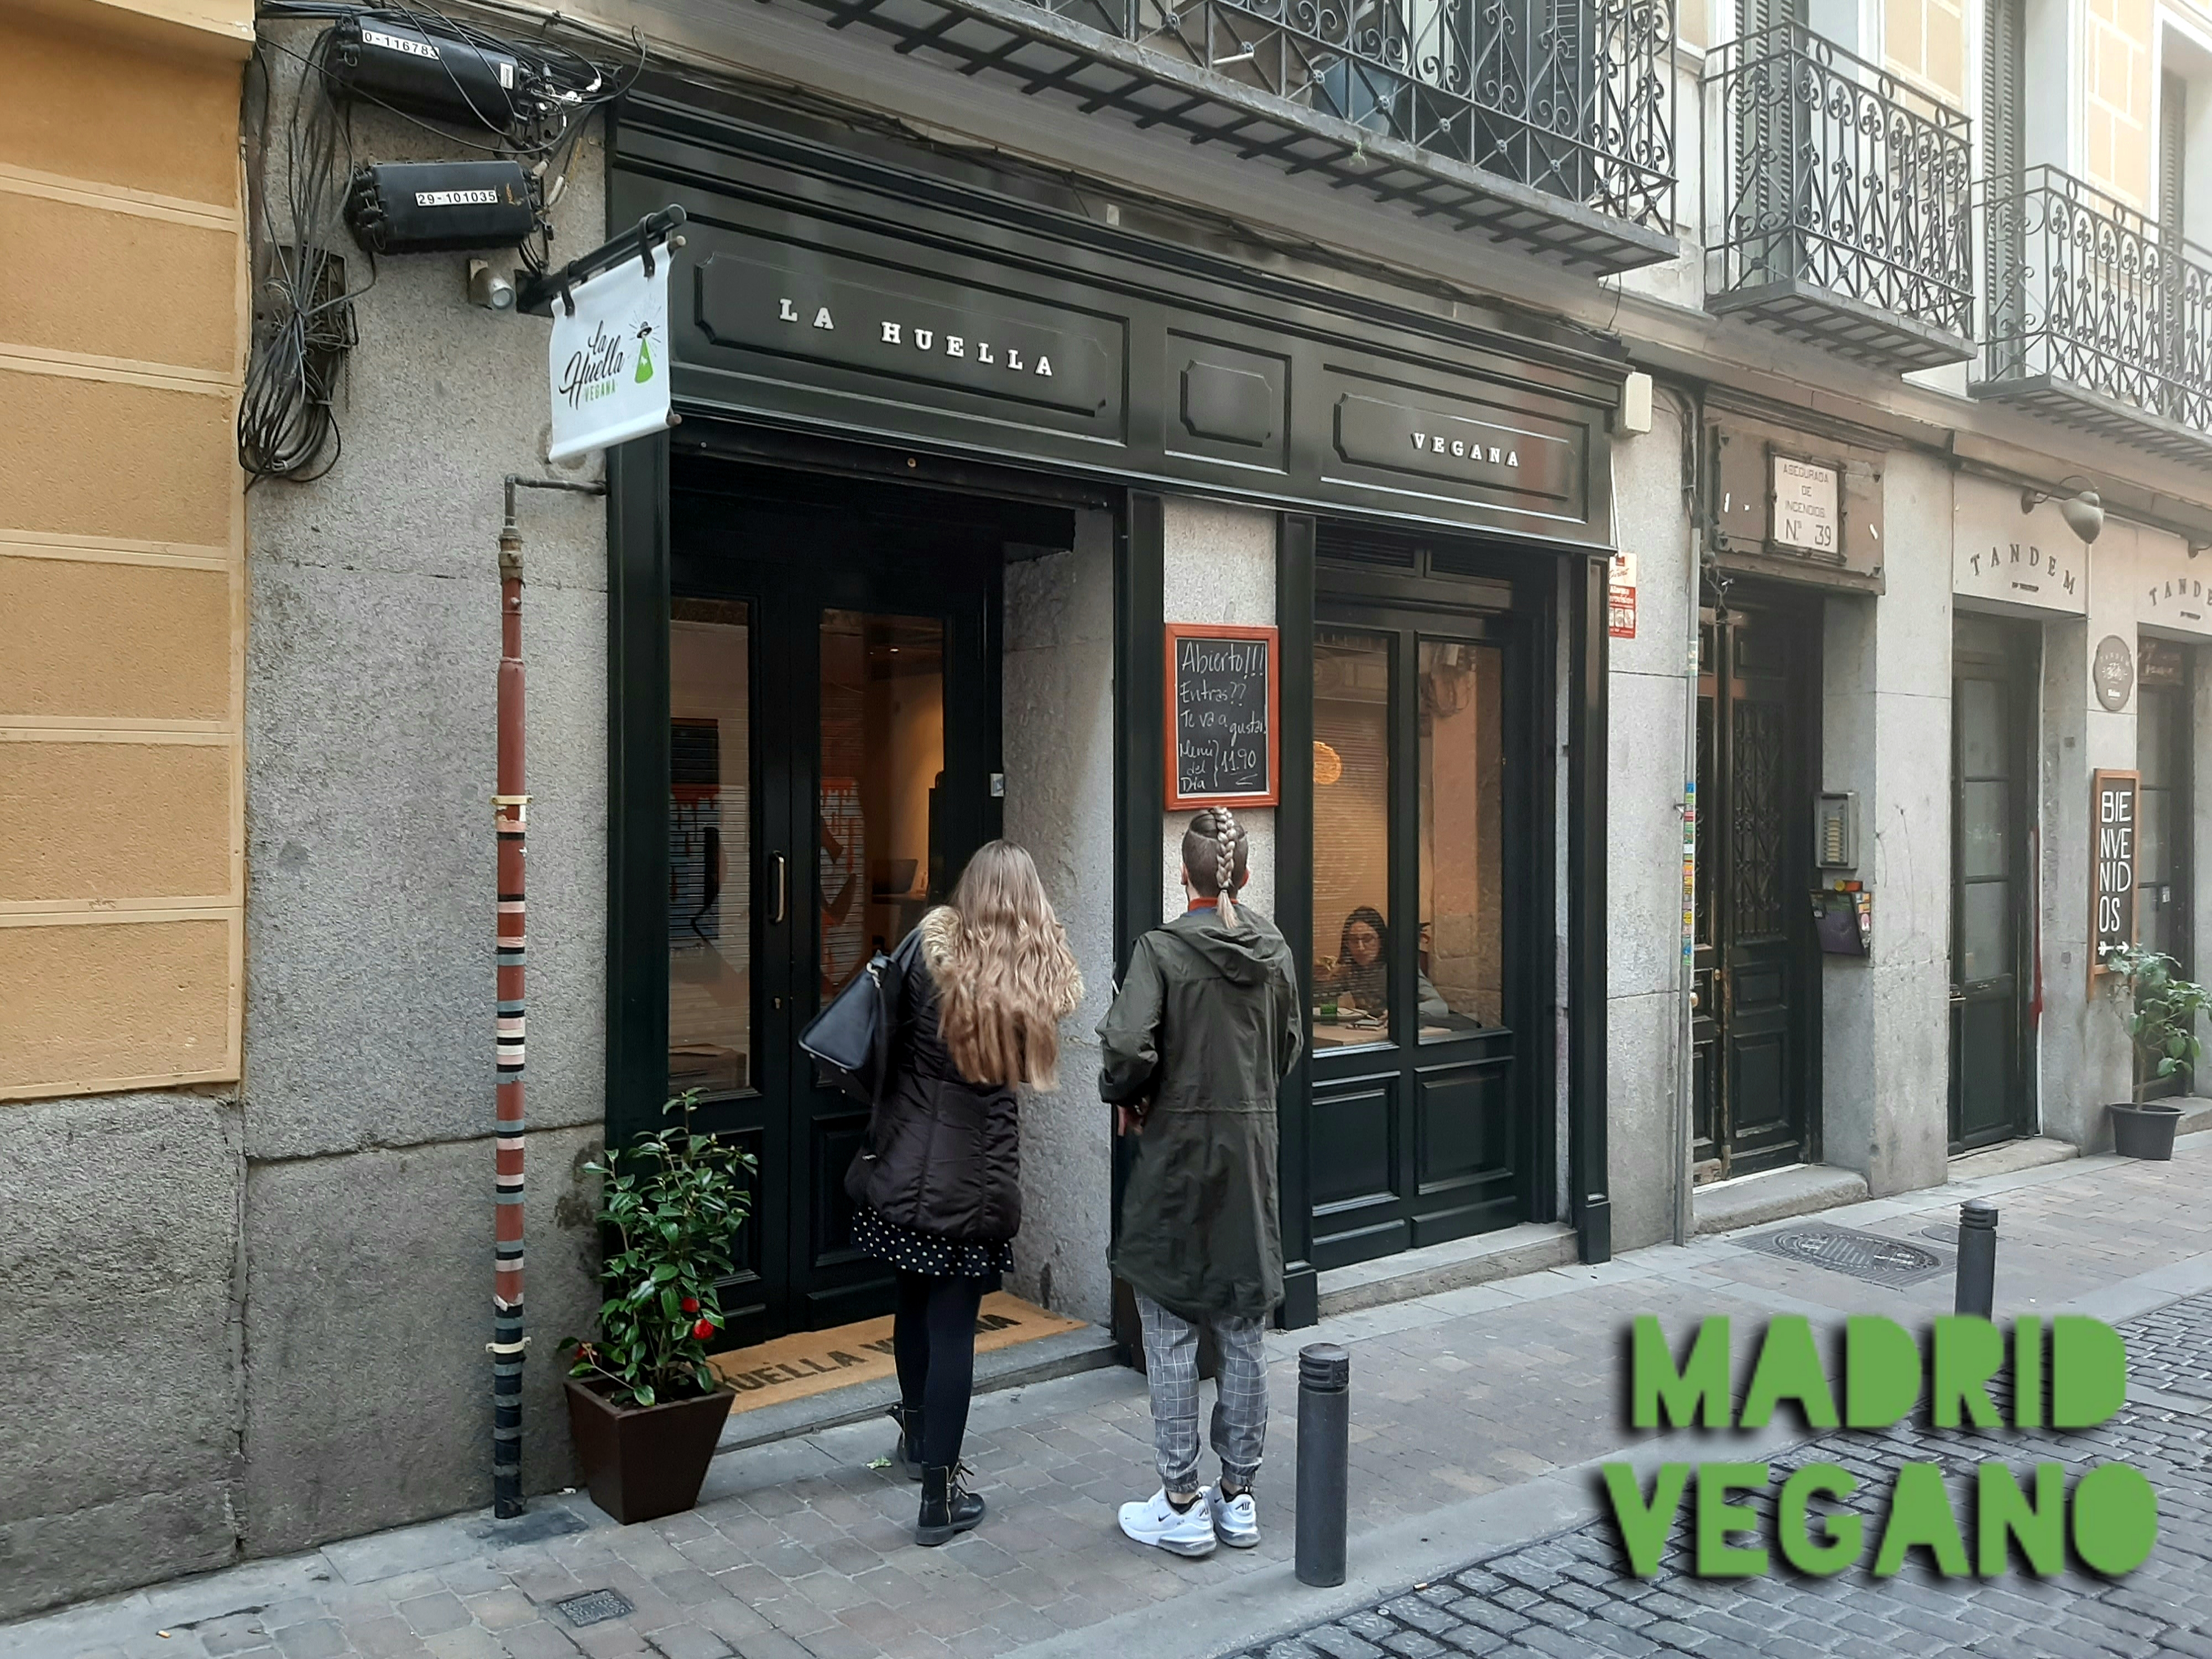 La Huella Vegana llega al centro de Madrid